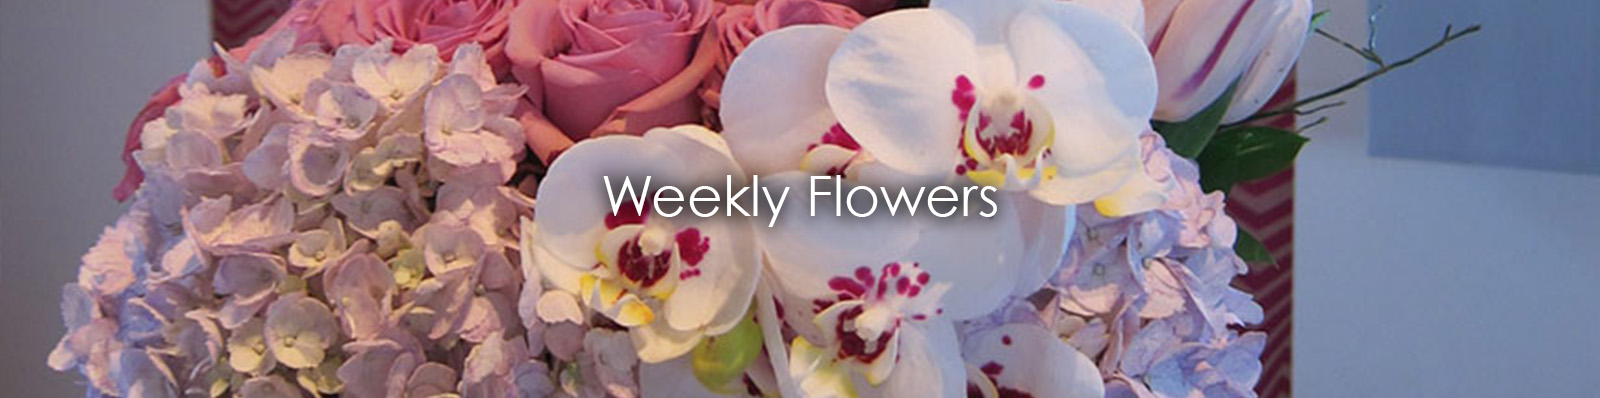 Weekly Flowers.jpg